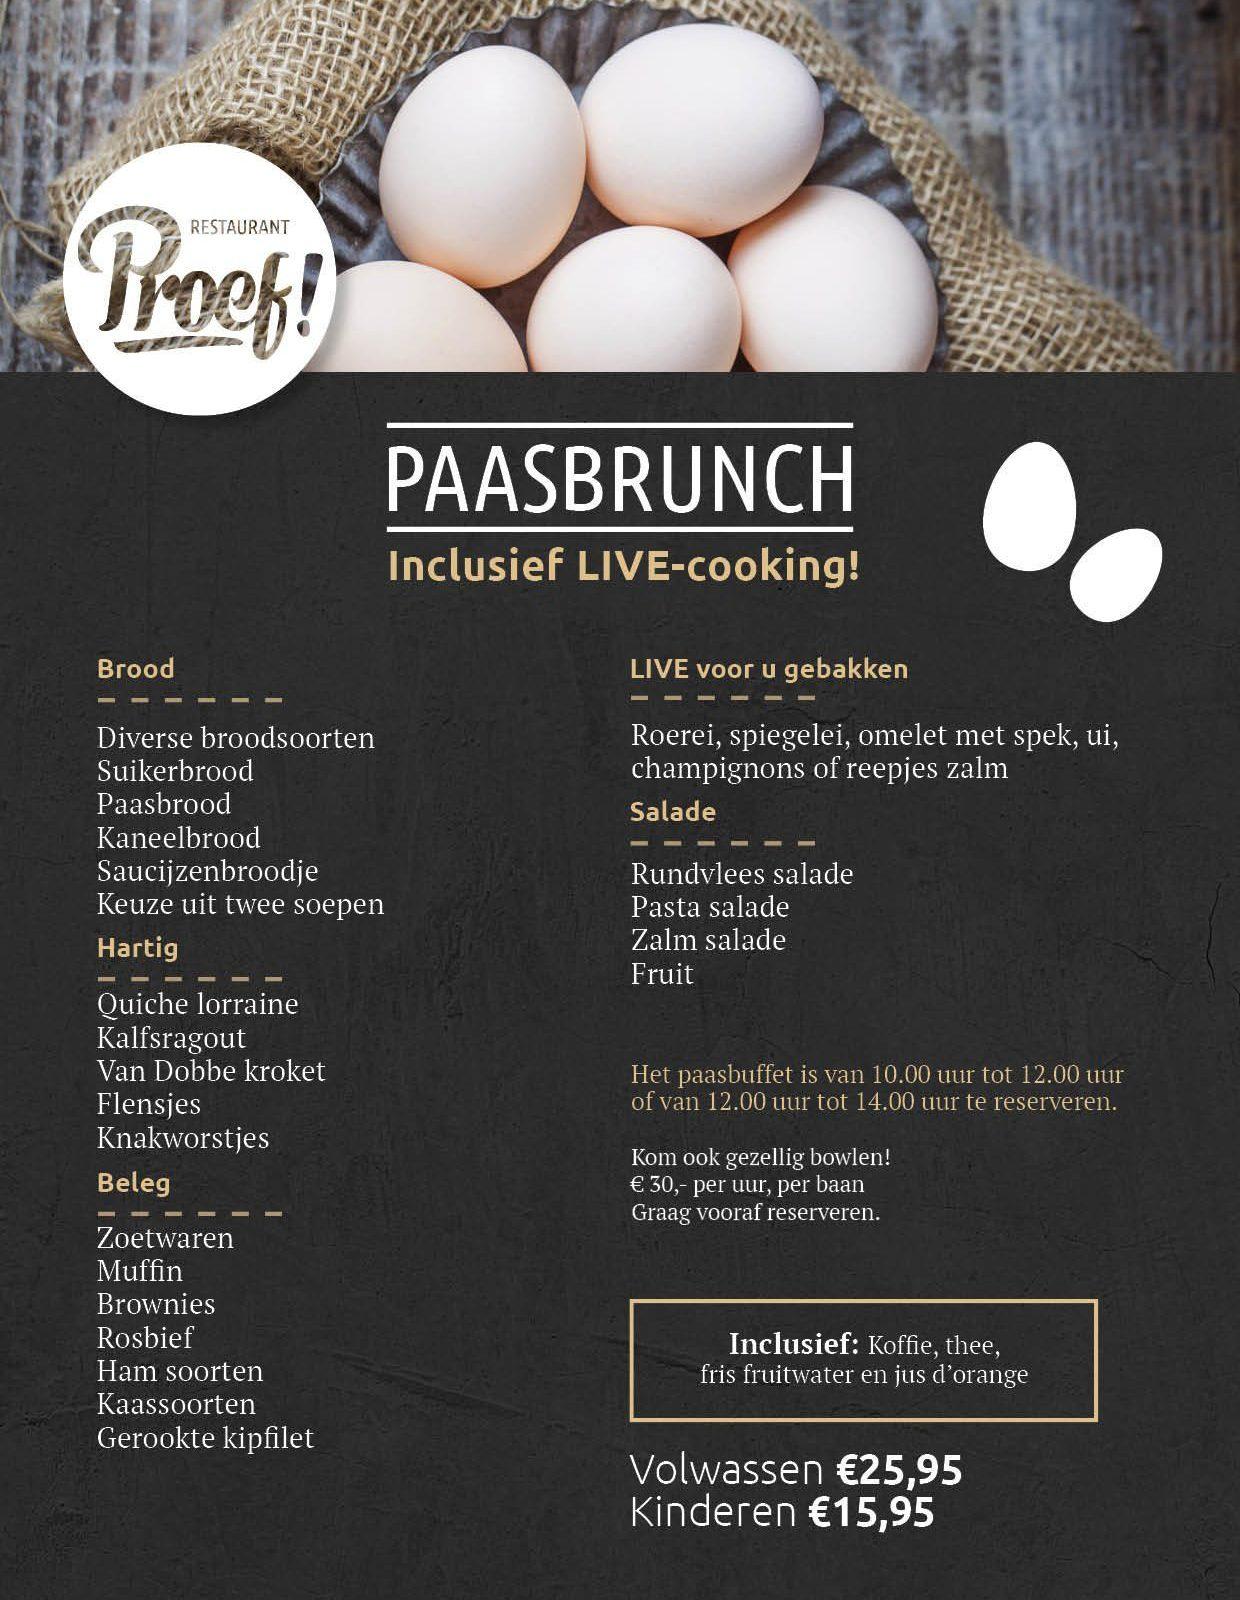 Paasbrunch met LIVE-cooking in Voorthuizen!